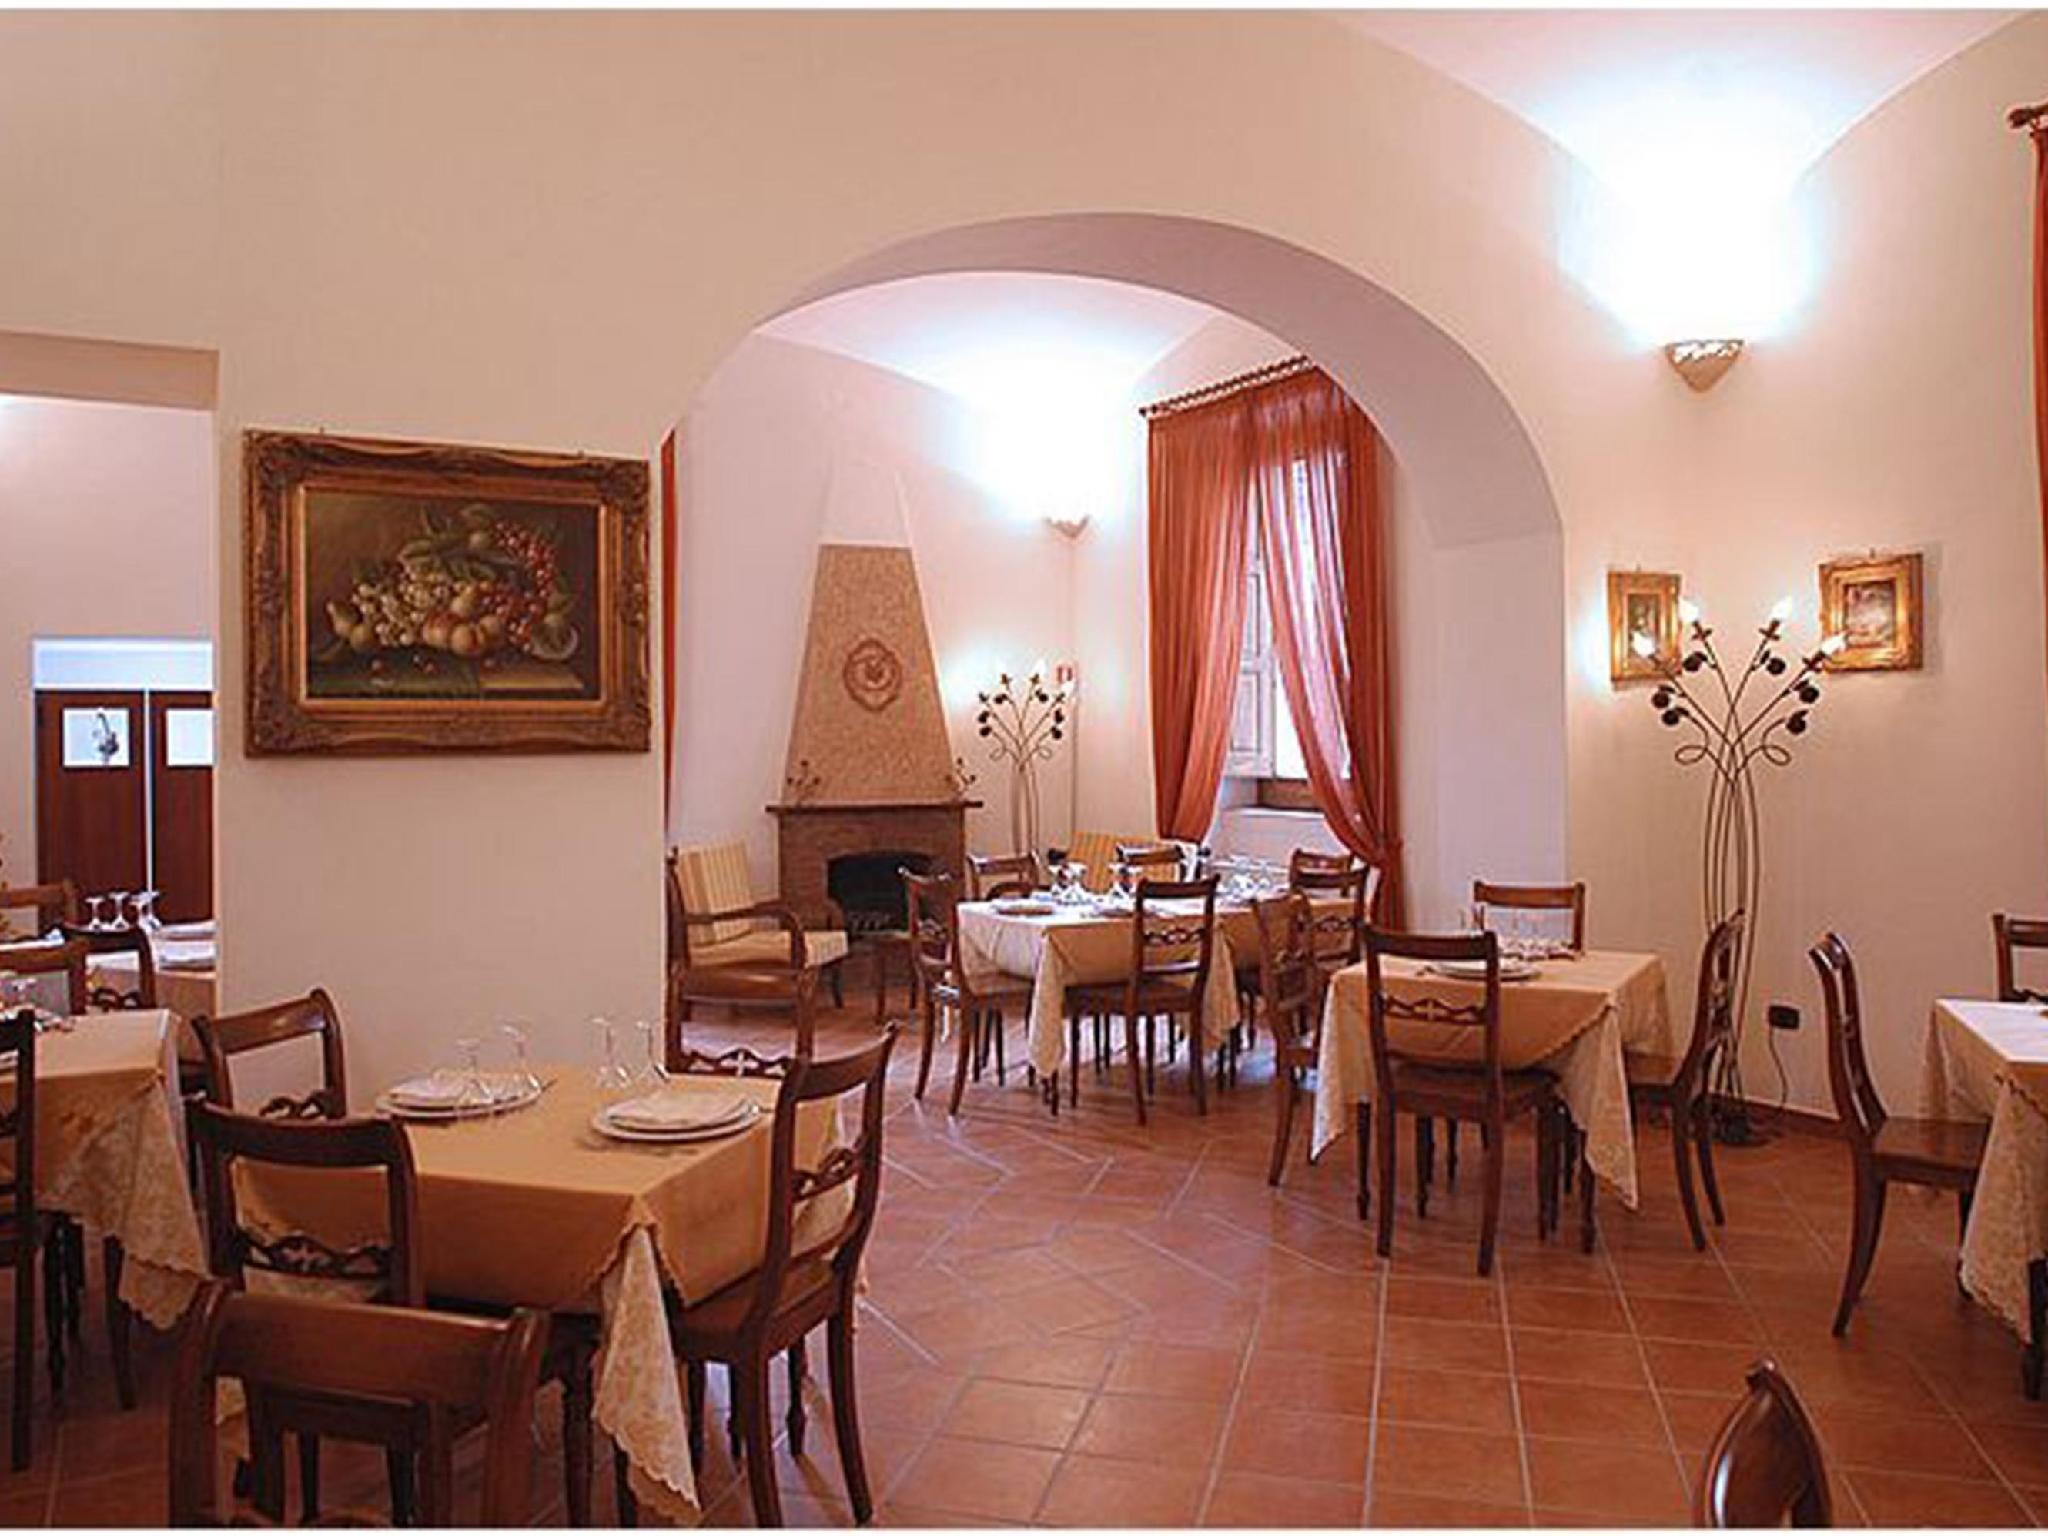 Review Hotel Ristorante Novecento